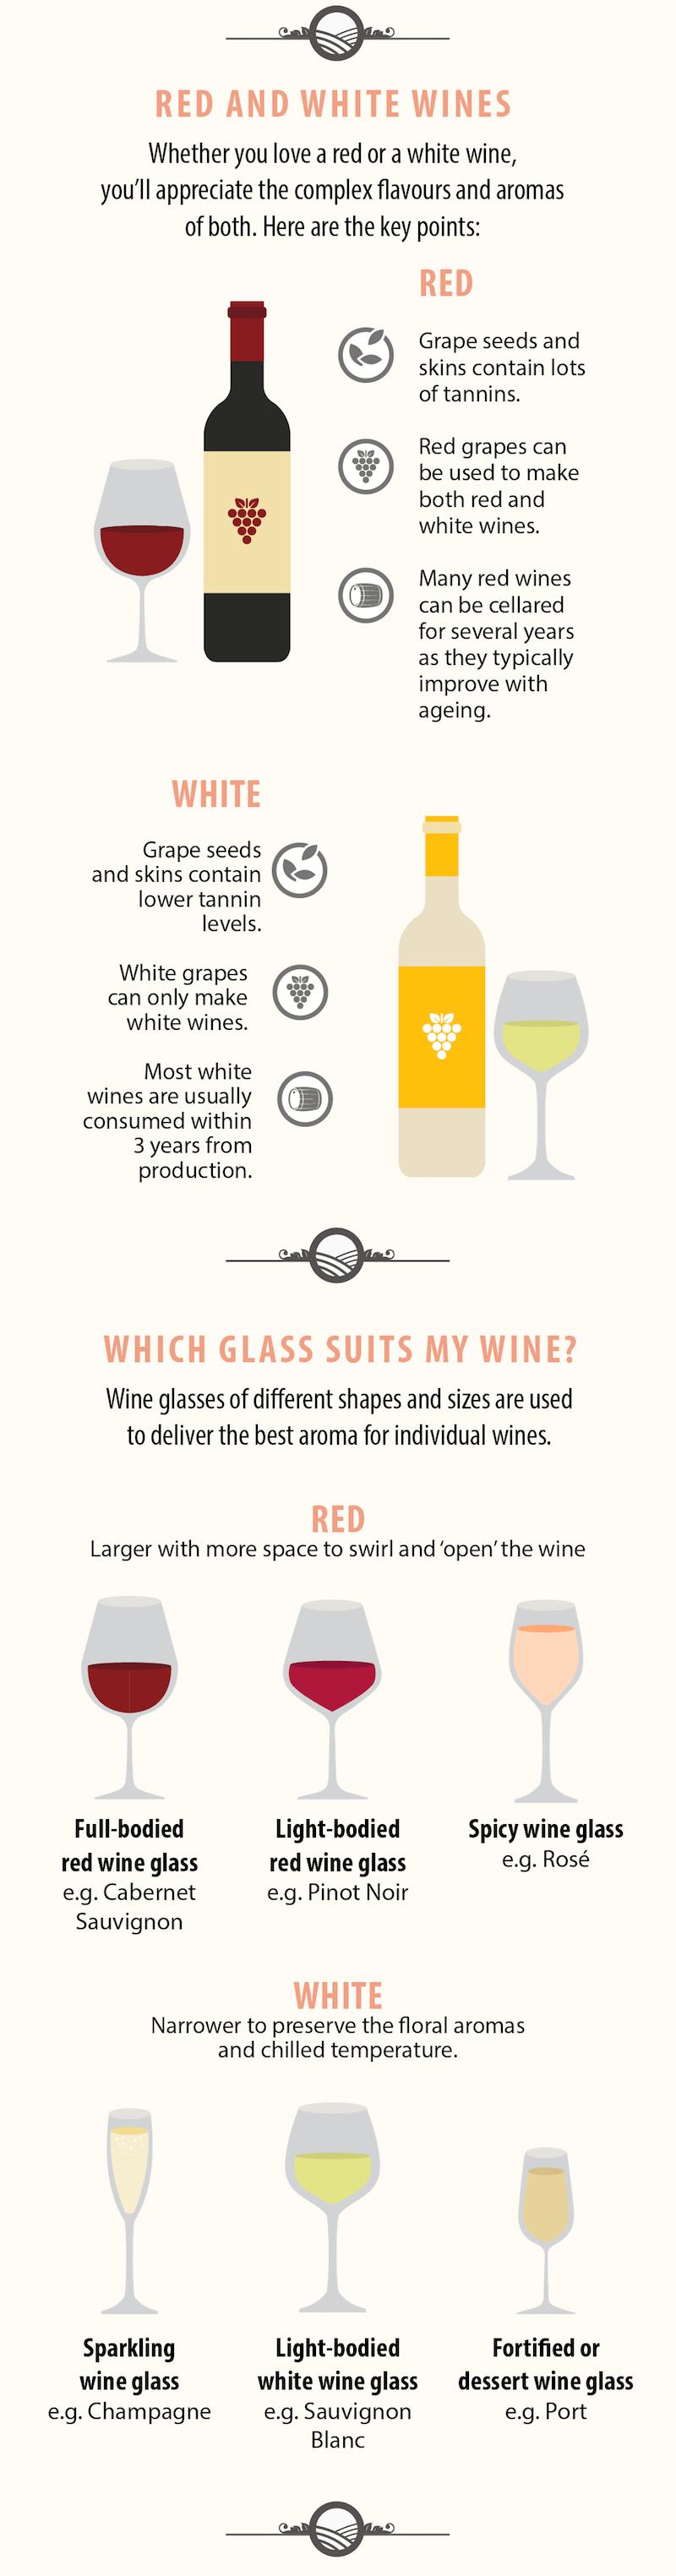 lilanigoonesena-copywriting-changi-airport-wine-infographic.png